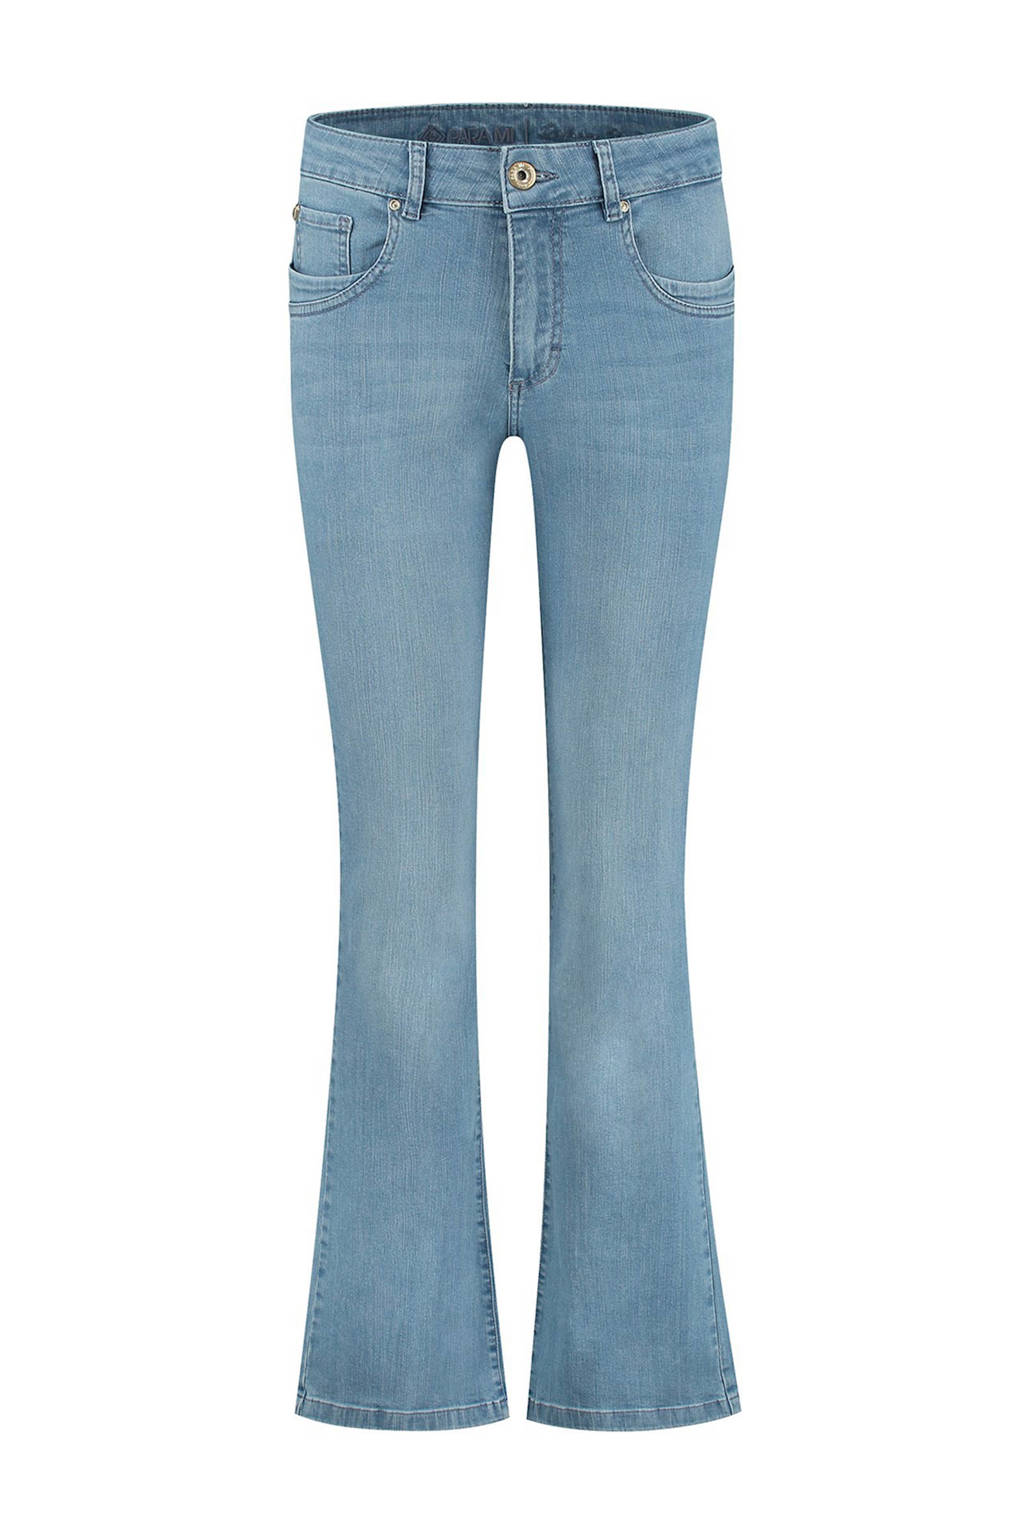 Para Mi high waist flared jeans Jade d61 - water blue, D61 - Water blue